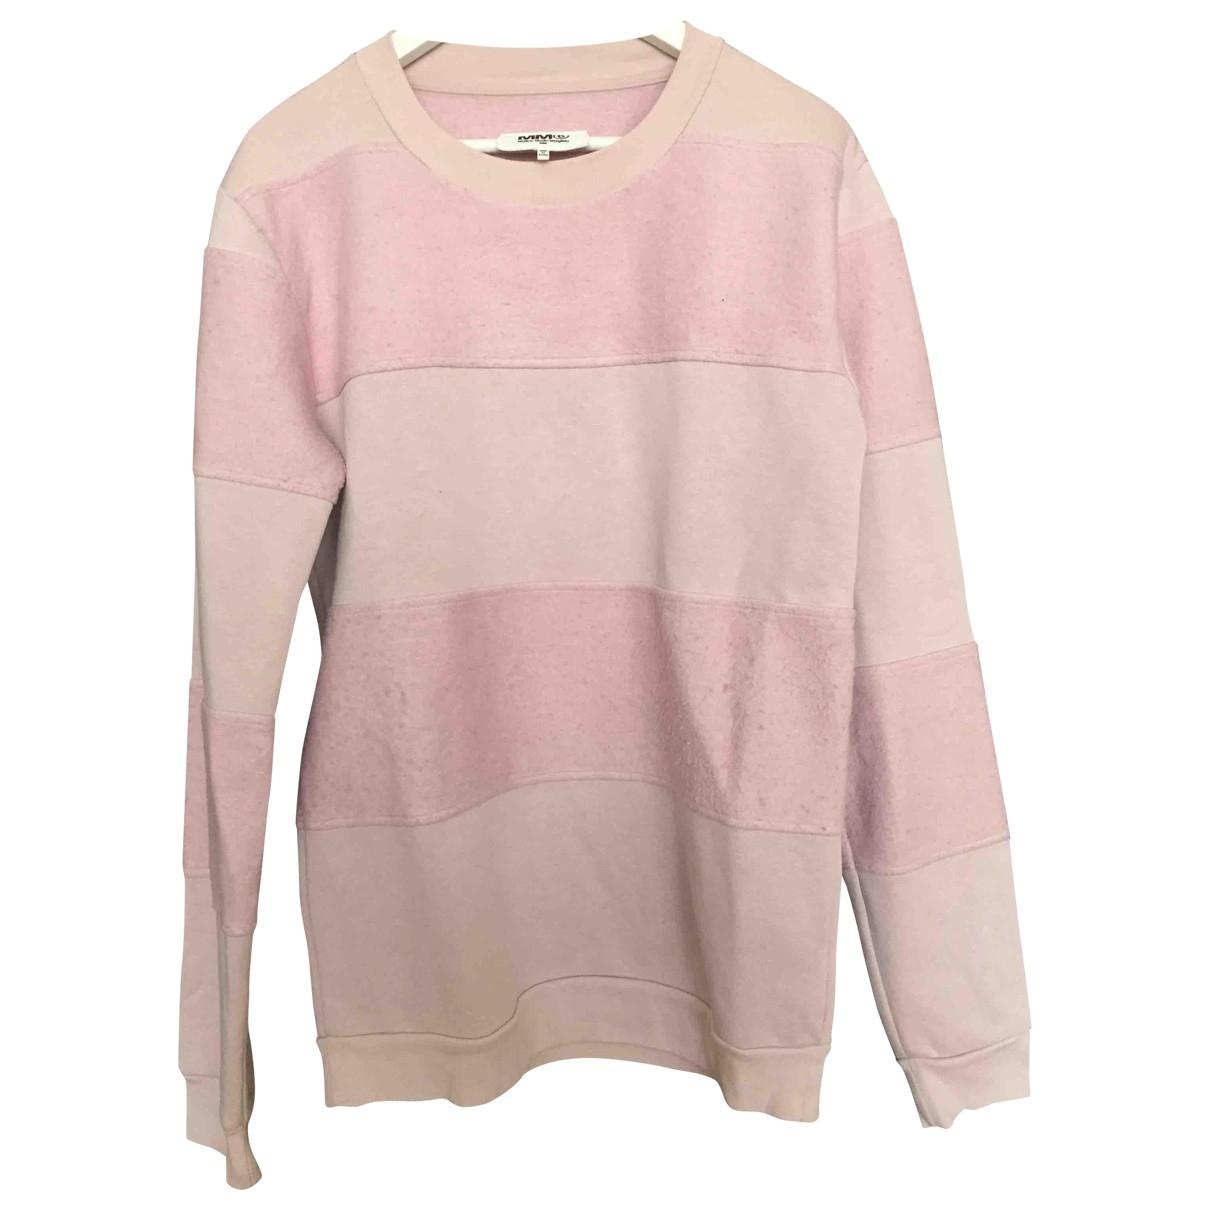 Mm6 \N Pink Cotton Knitwear for Women M International